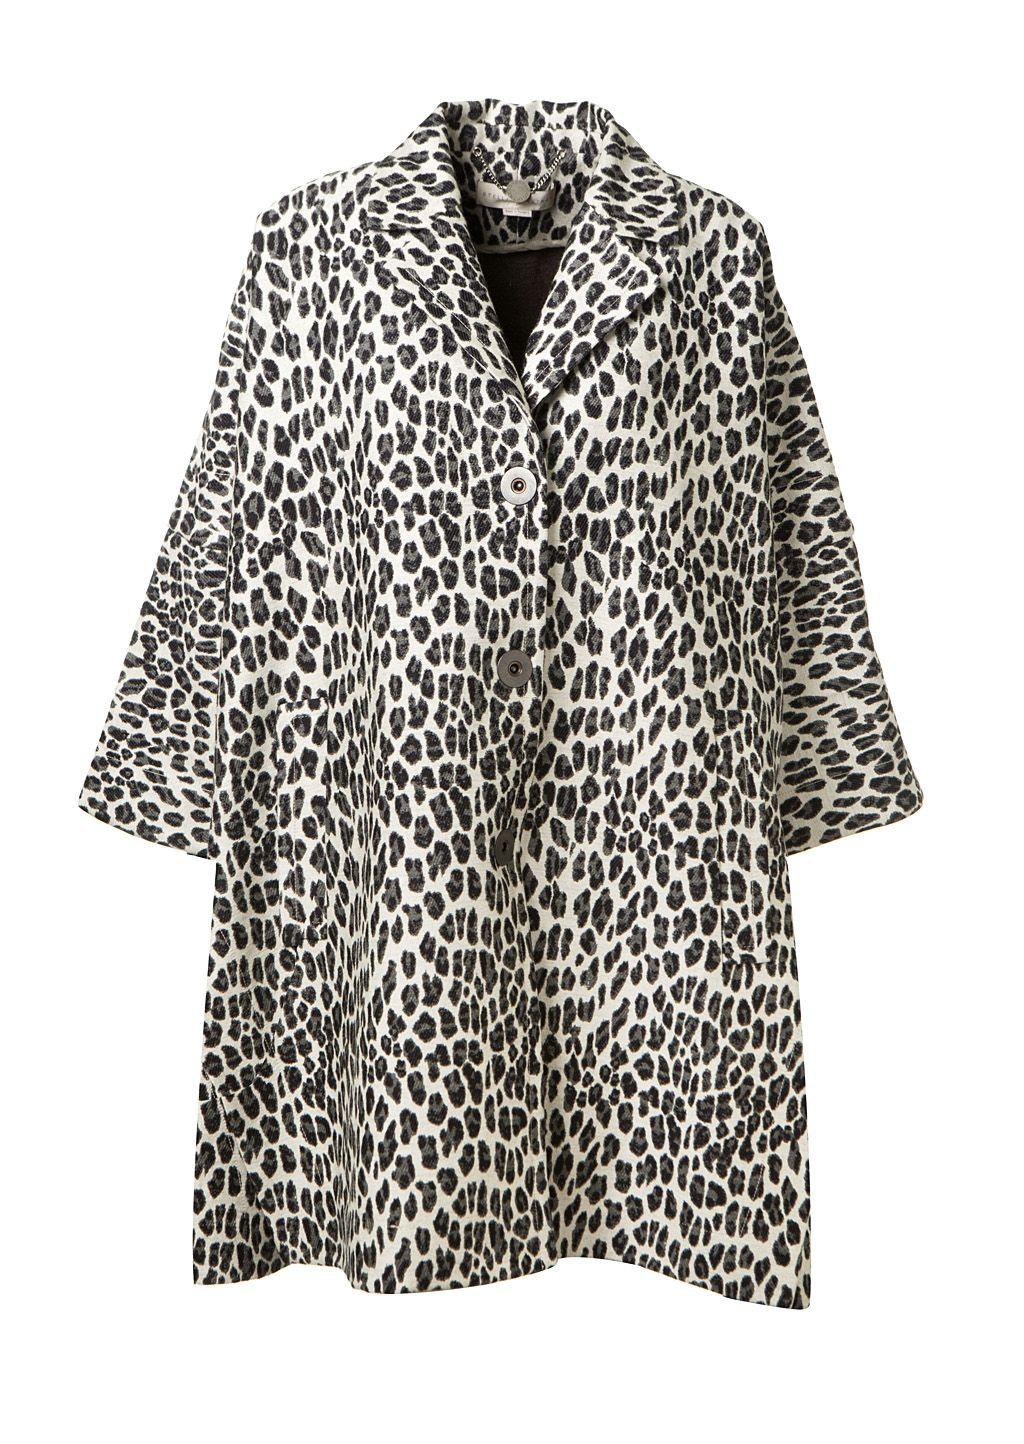 STELLA MCCARTNEY STELLA MCCARTNEY GREY LEOPARD PRINTED WOOL COAT. #stellamccartney #cloth #